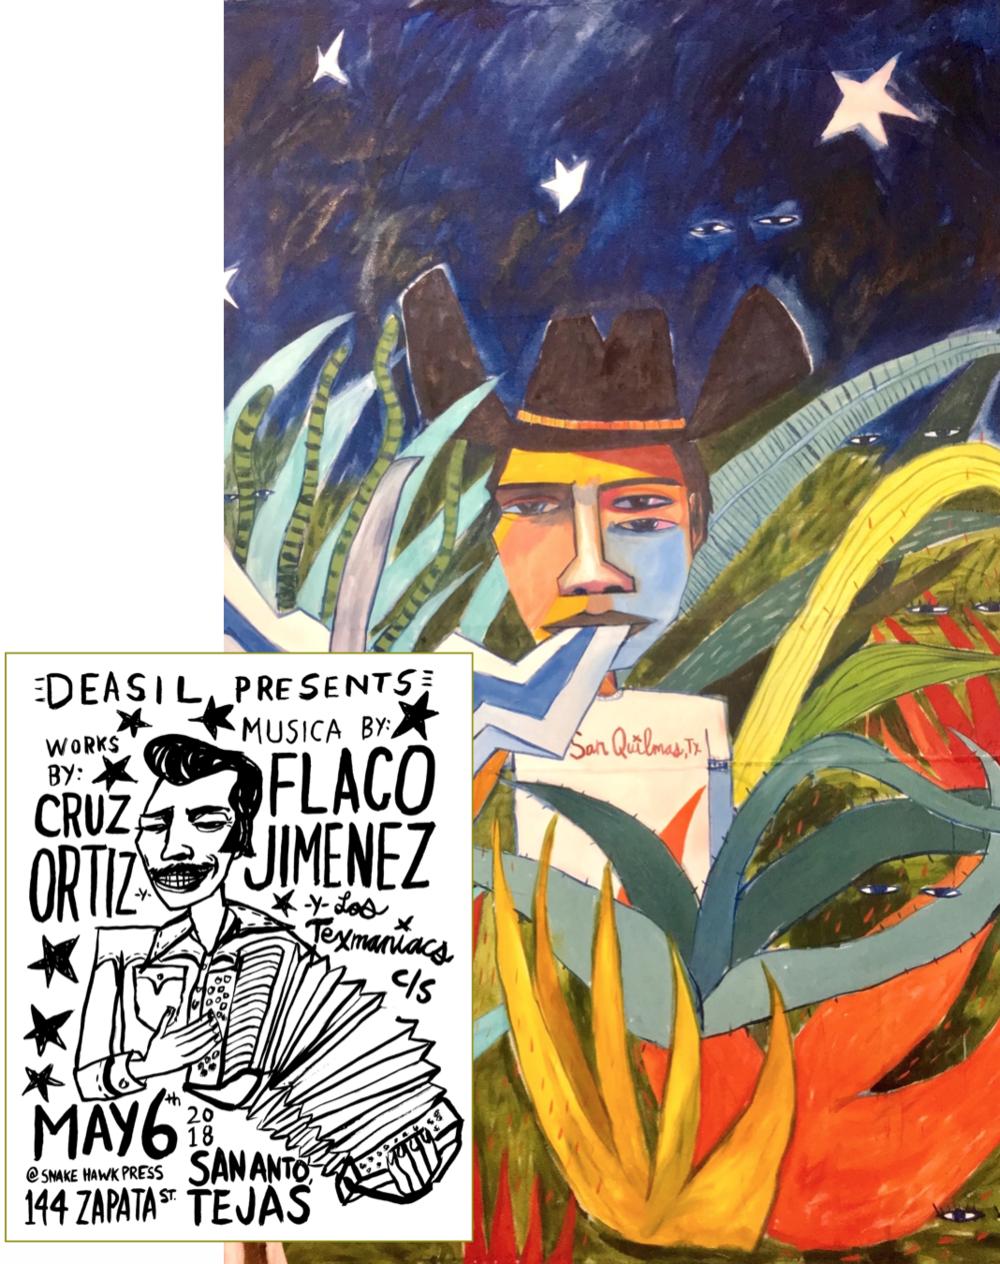 Cruz Ortiz ...........musica byFlaco Jimenez - -Y- Los Texmaniacsat Snake Hawk PressSan Antonio, TXMay 6, 3pm - quien sabe